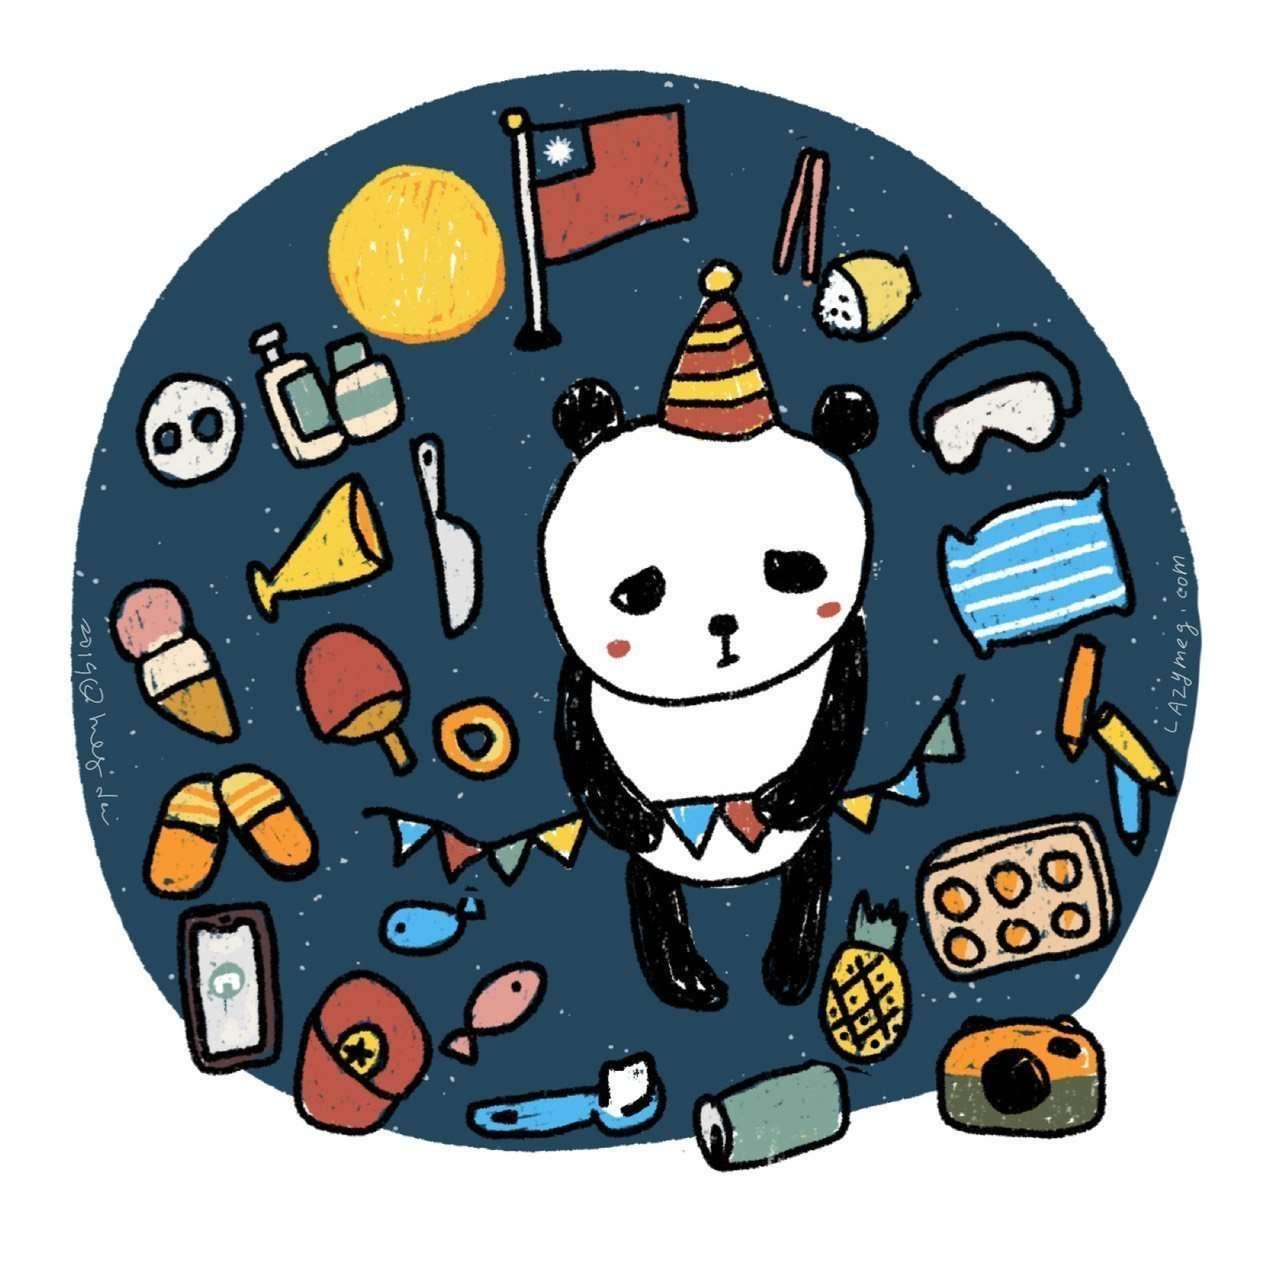 憂鬱的熊貓